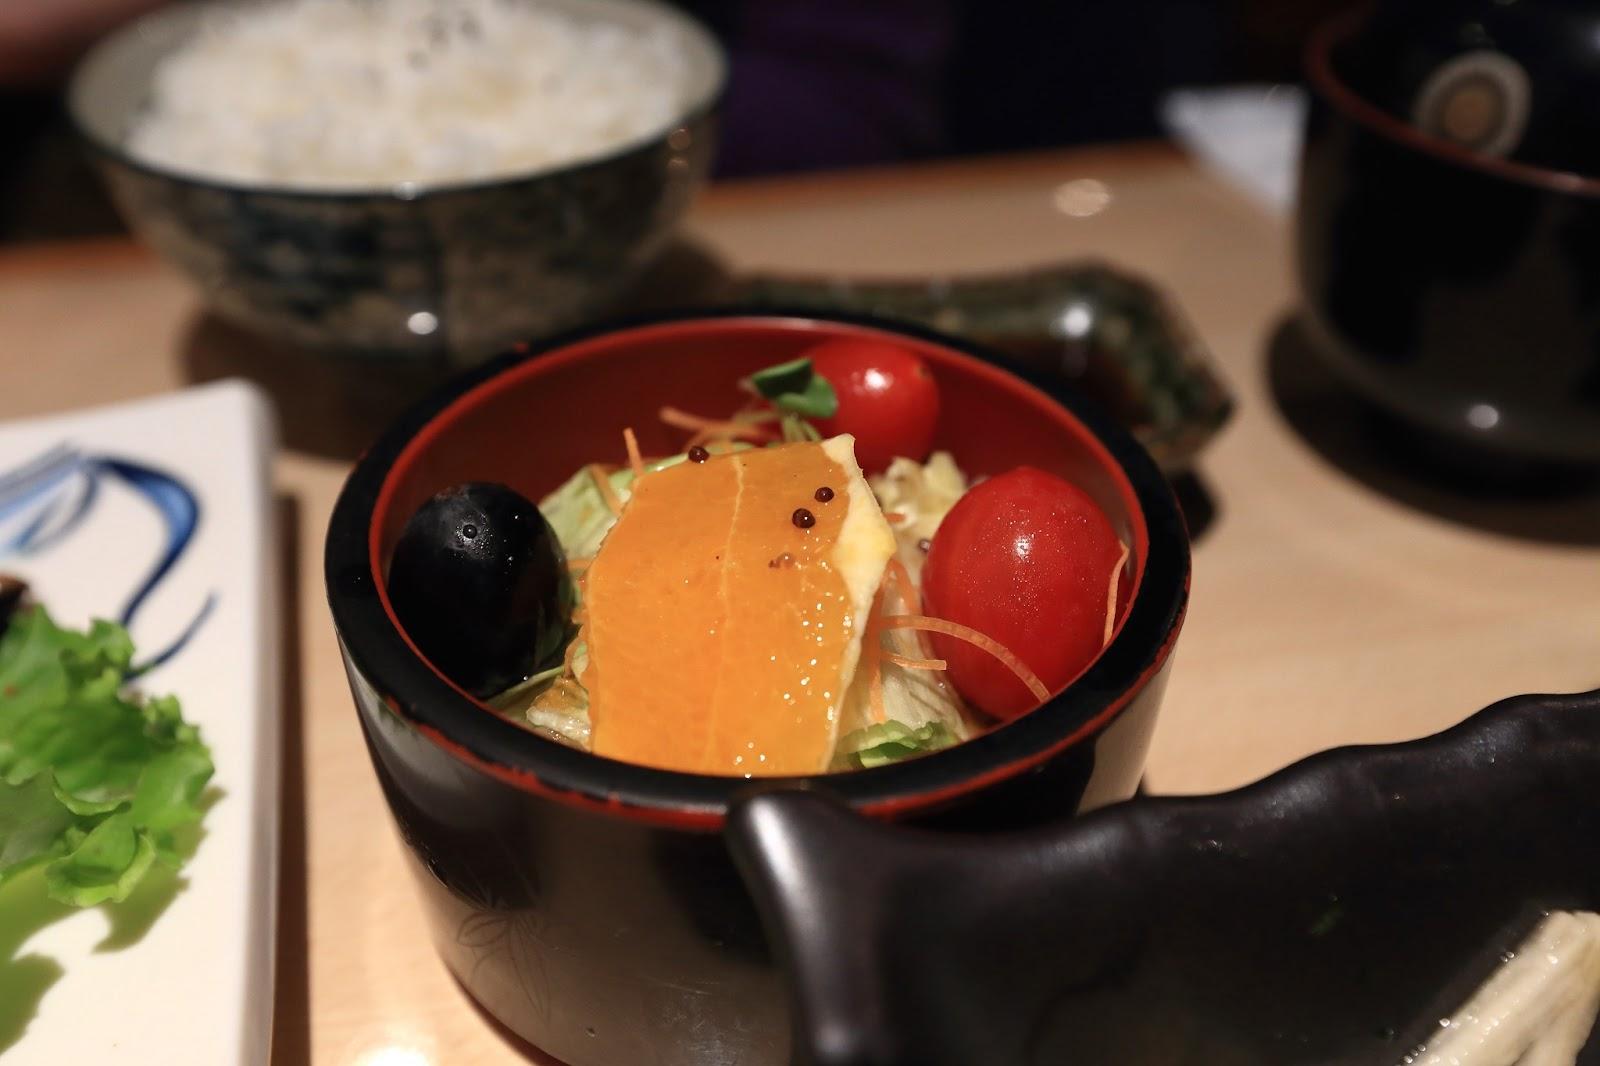 山姆小誌: [食記] 臺北林森北路梅子鰻魚飯